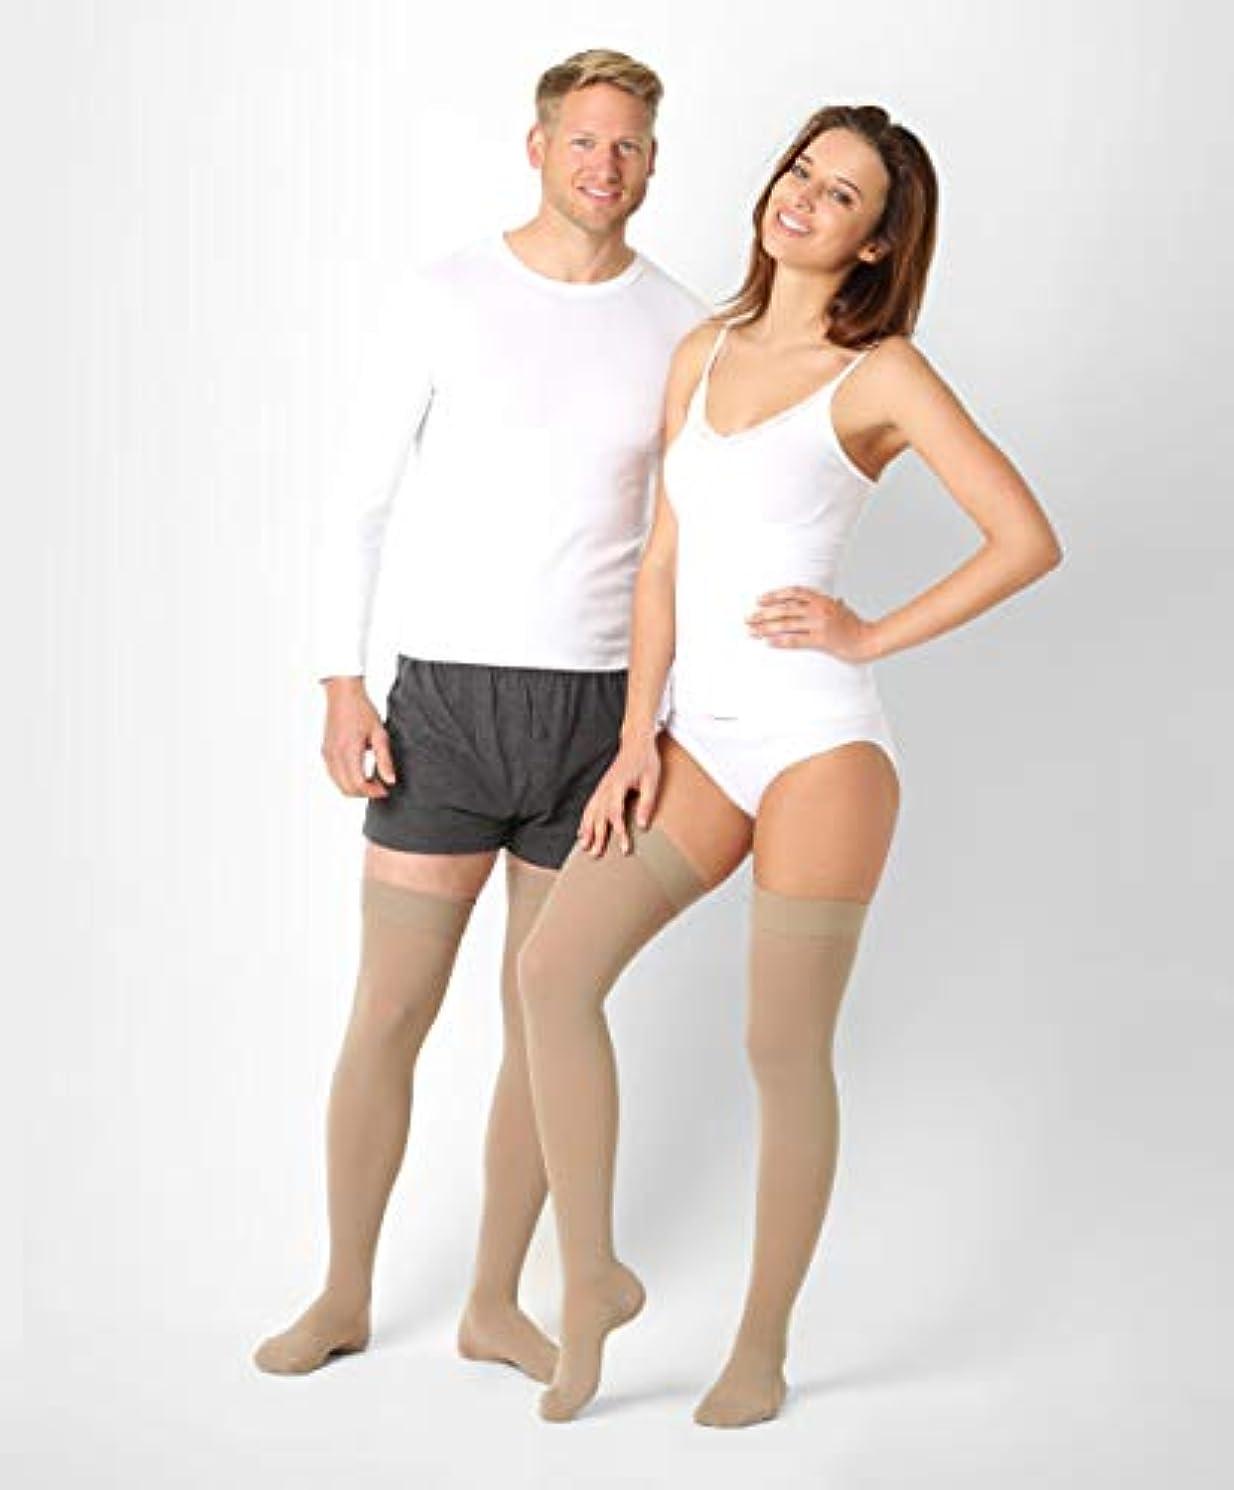 護衛パット面倒BeFit24 医療用着圧ストッキング クラス 1 (18-21 mmHg) 男性?女性用 ーあらゆるラ イフスタイルのニーズに対応ー ヨーロッパ製 X-Large Beige